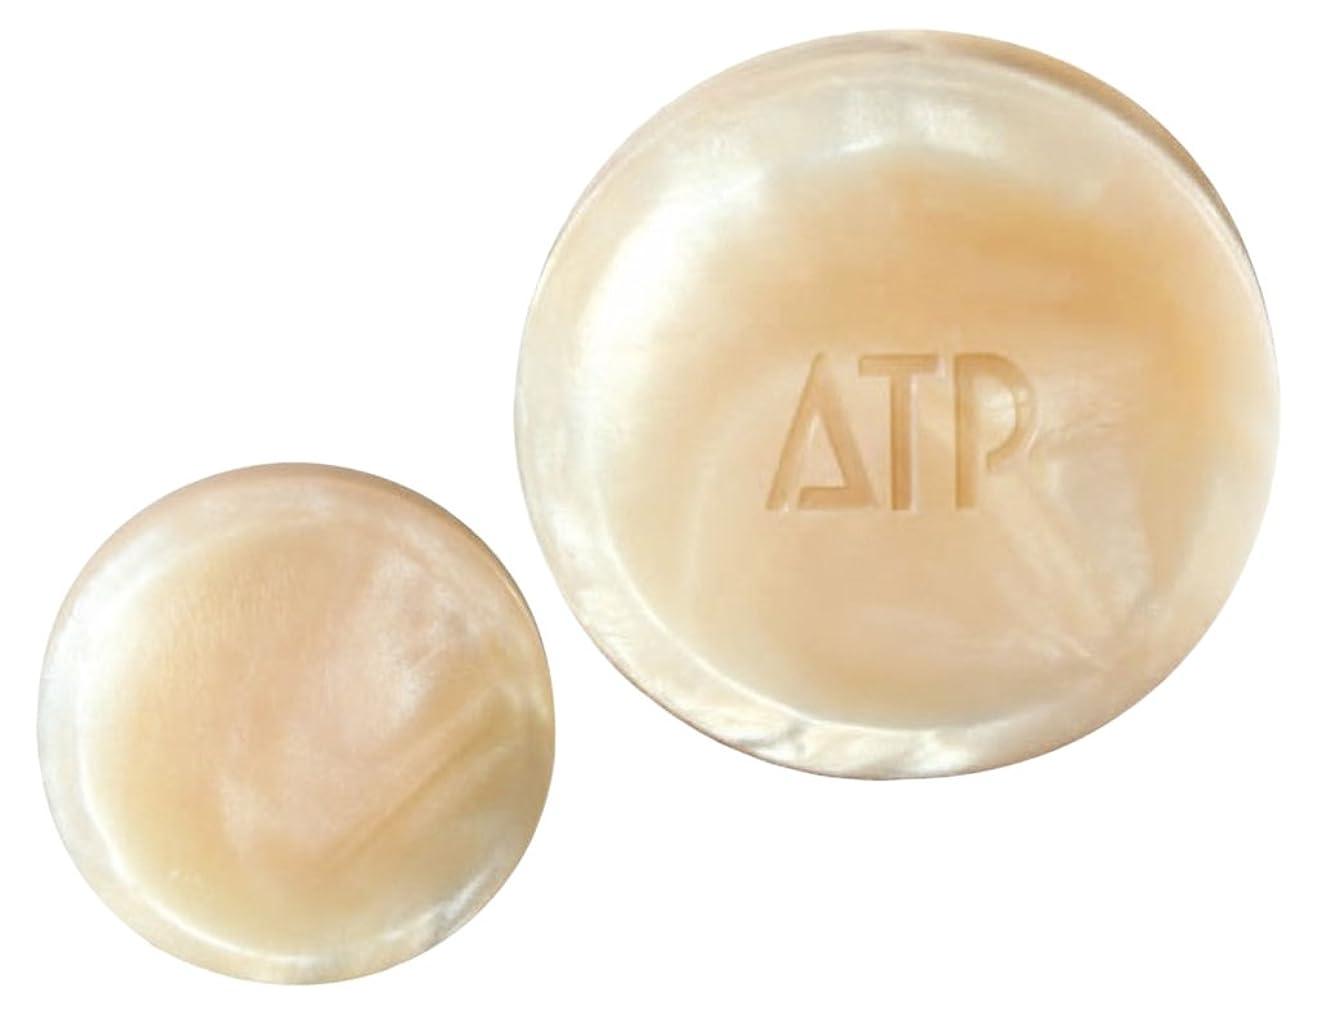 プロポーショナル生物学ゴム薬用ATP デリケアソープ 30g (全身用洗浄石けん?枠練り) [医薬部外品]